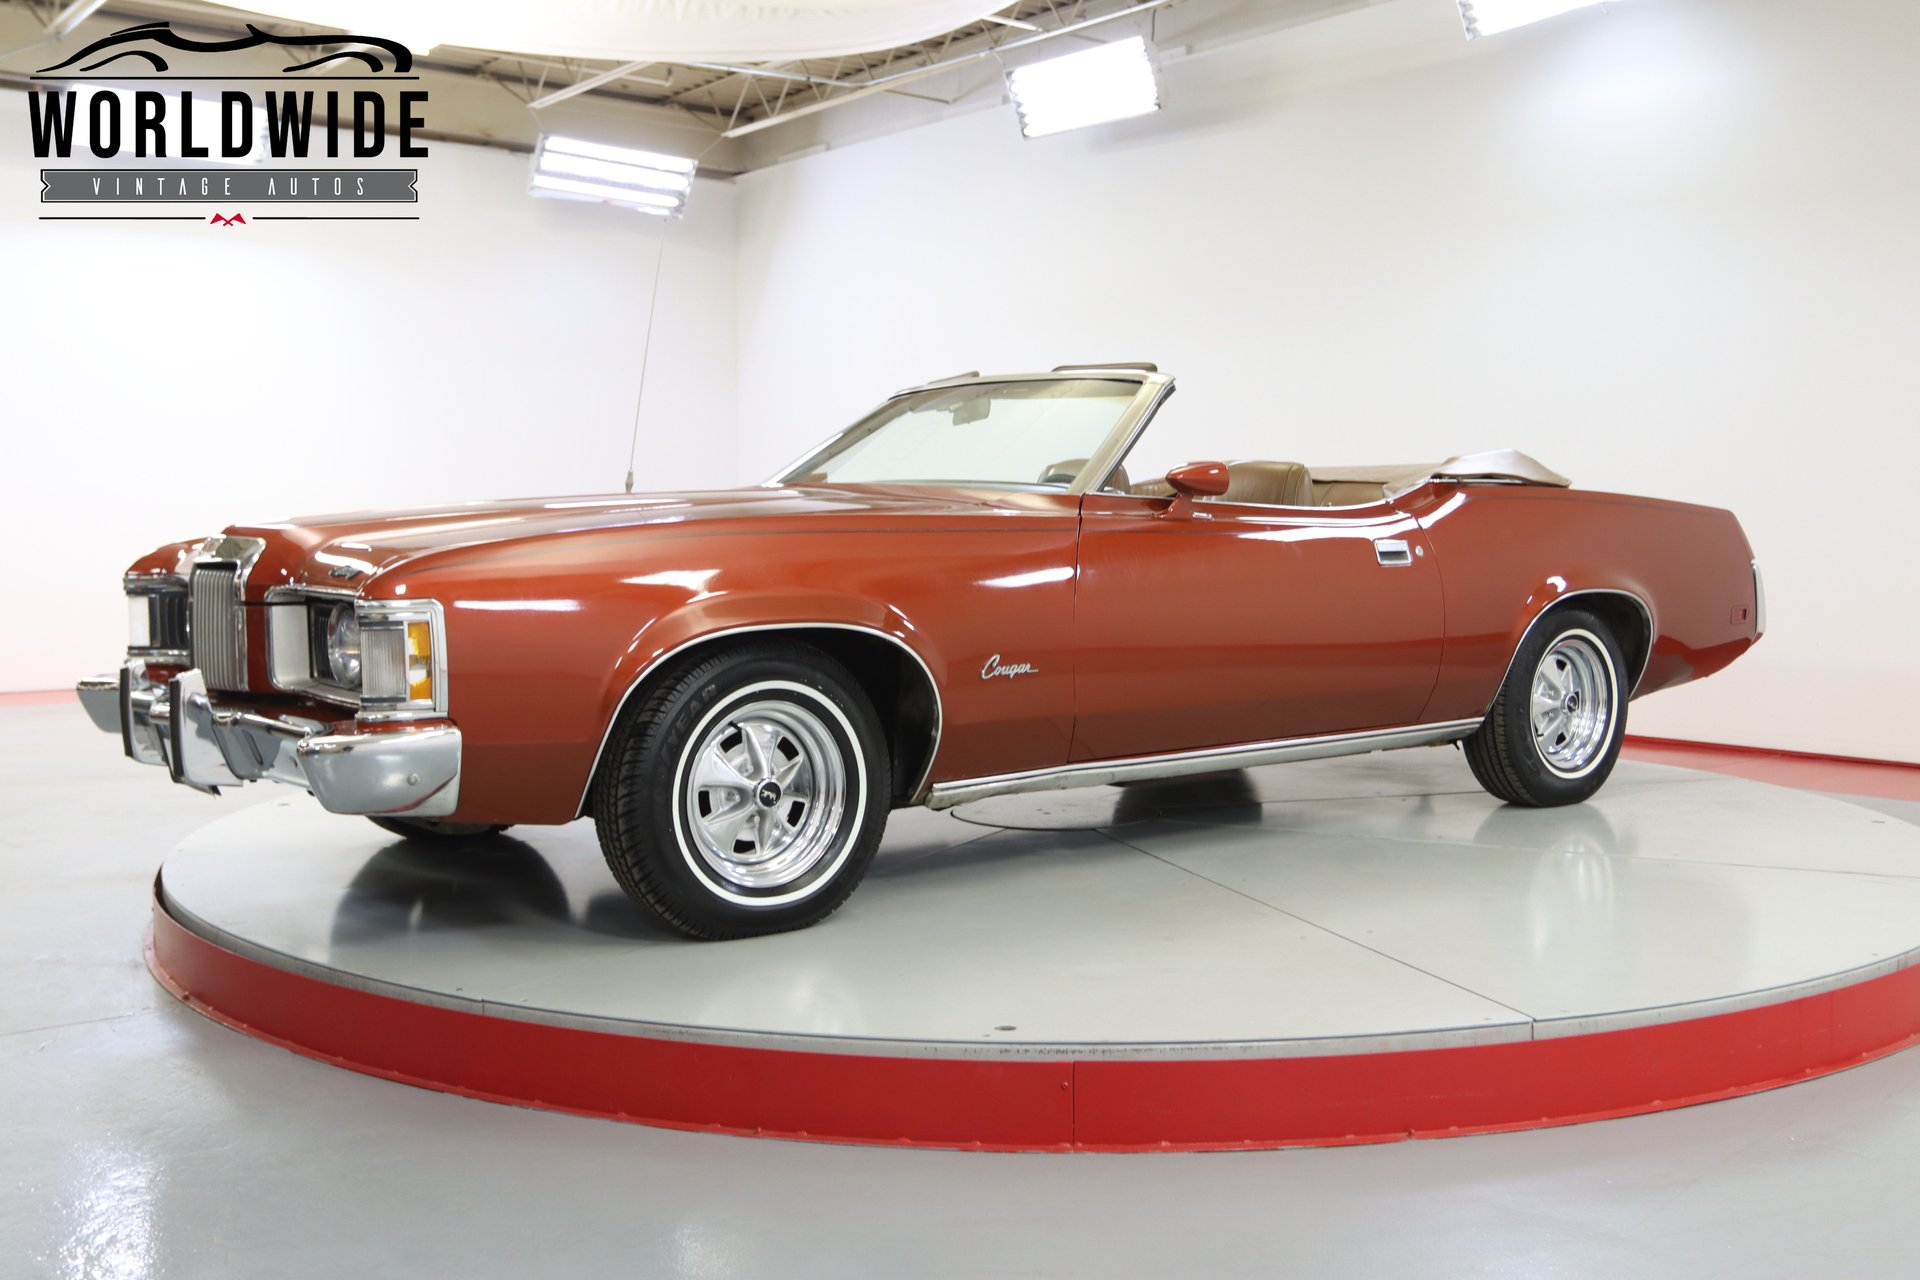 1973 mercury cougar xr 7